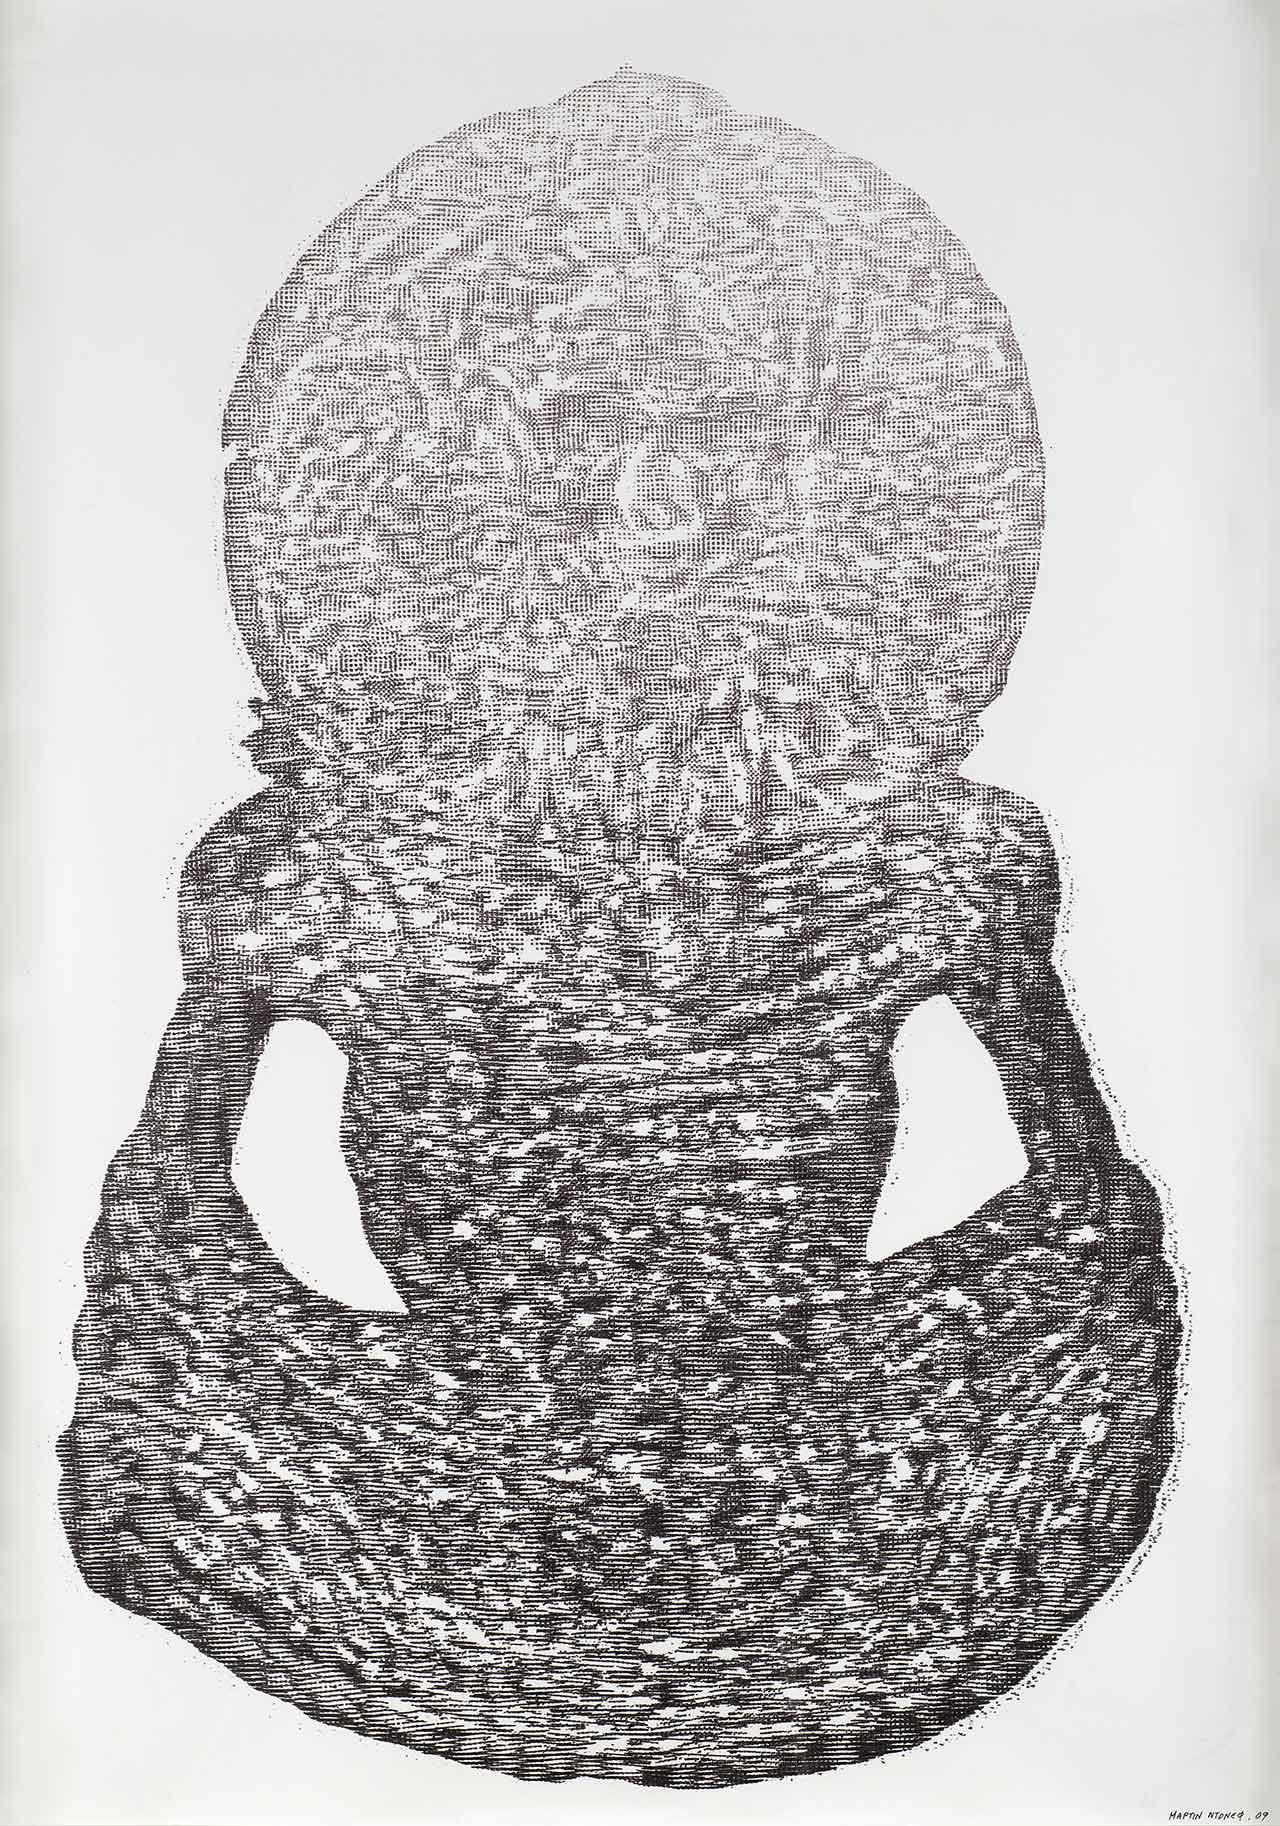 Άτιτλο (Samadhi in the City), 2009, μαρκαδόροι σε χαρτί, 100x70 εκ.